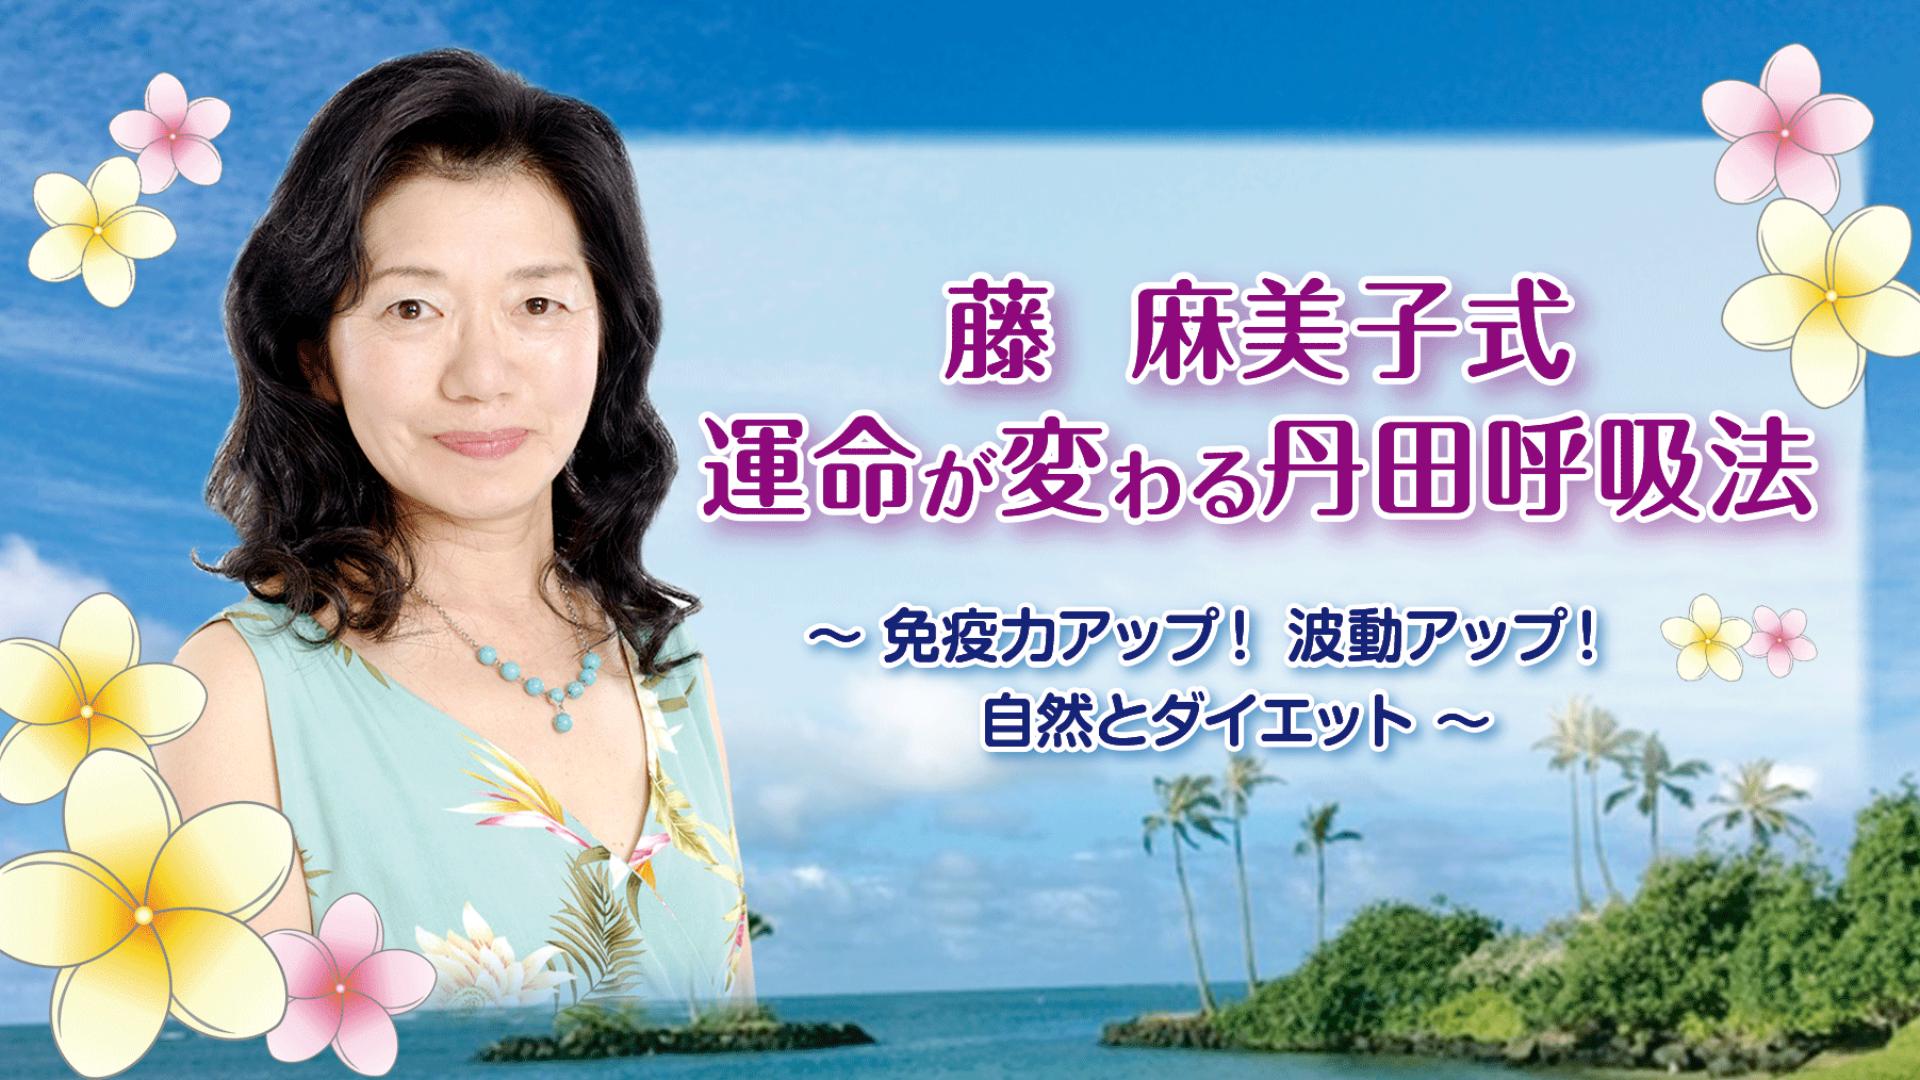 藤麻美子式「運命が変わる丹田呼吸法」